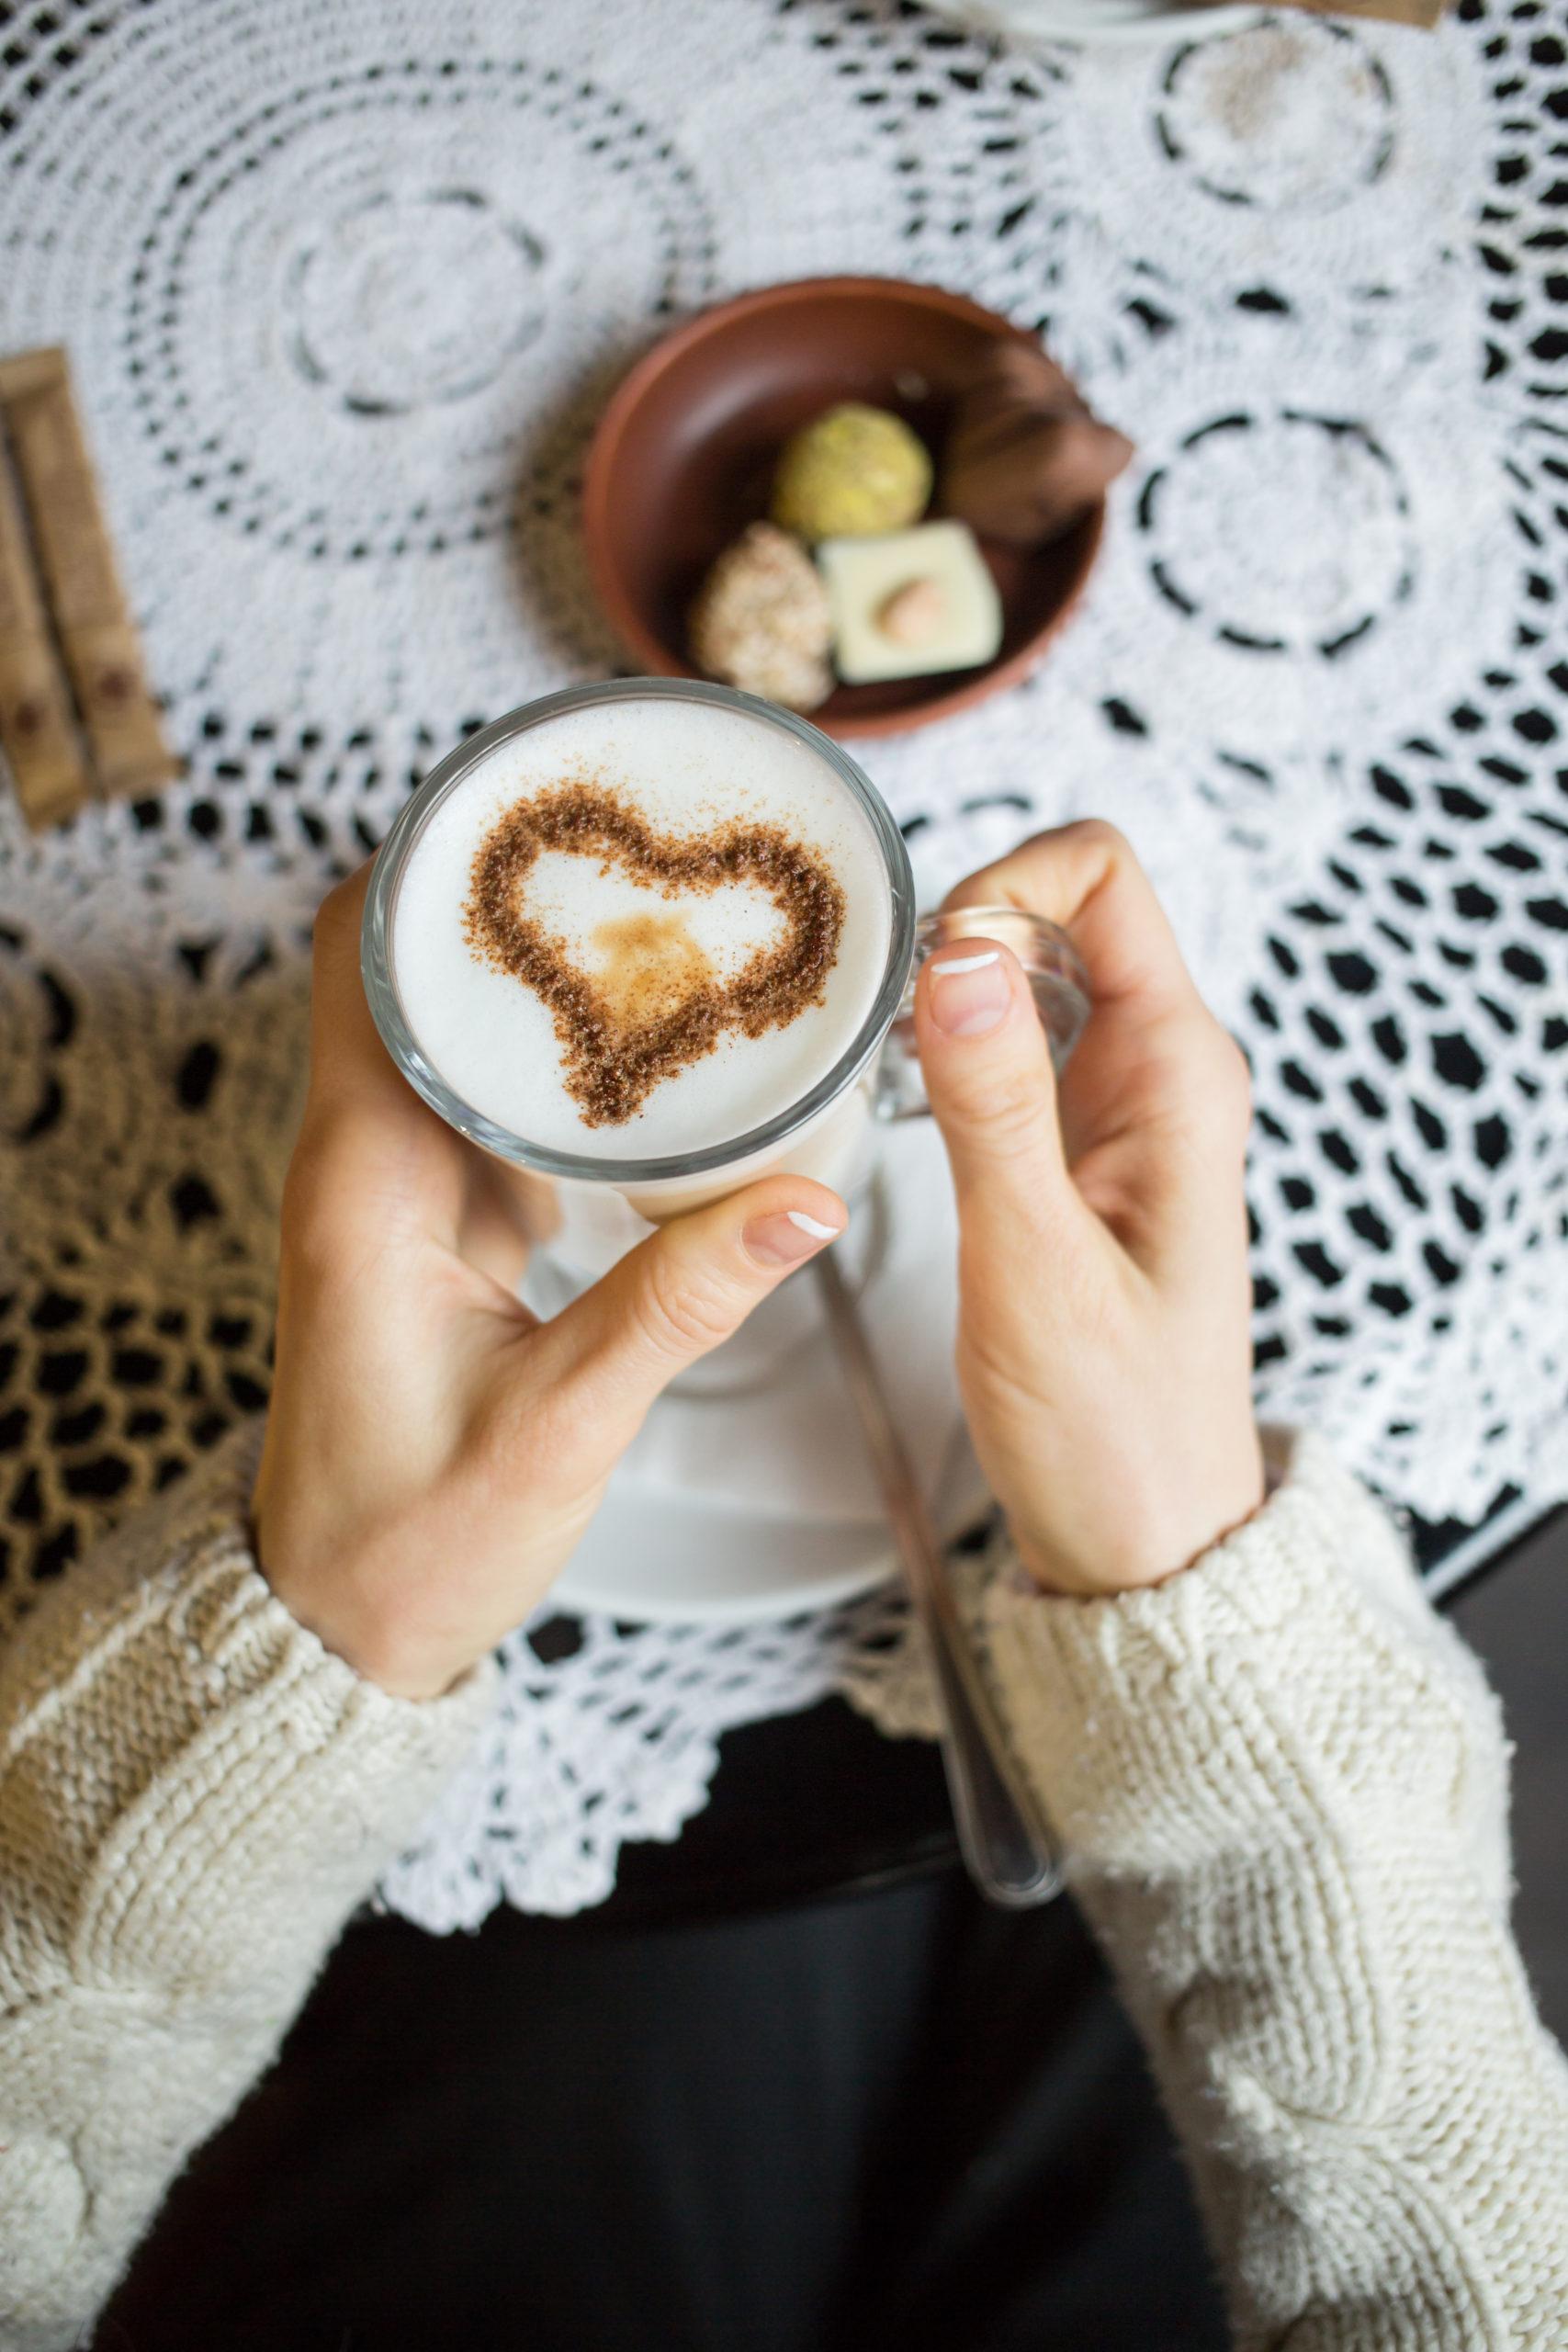 Einen Kaffee mit einem Eigelb bitte, aber drin! Warum Sie Ihren Kaffee mit einem röhren Eigelb trinken sollten?